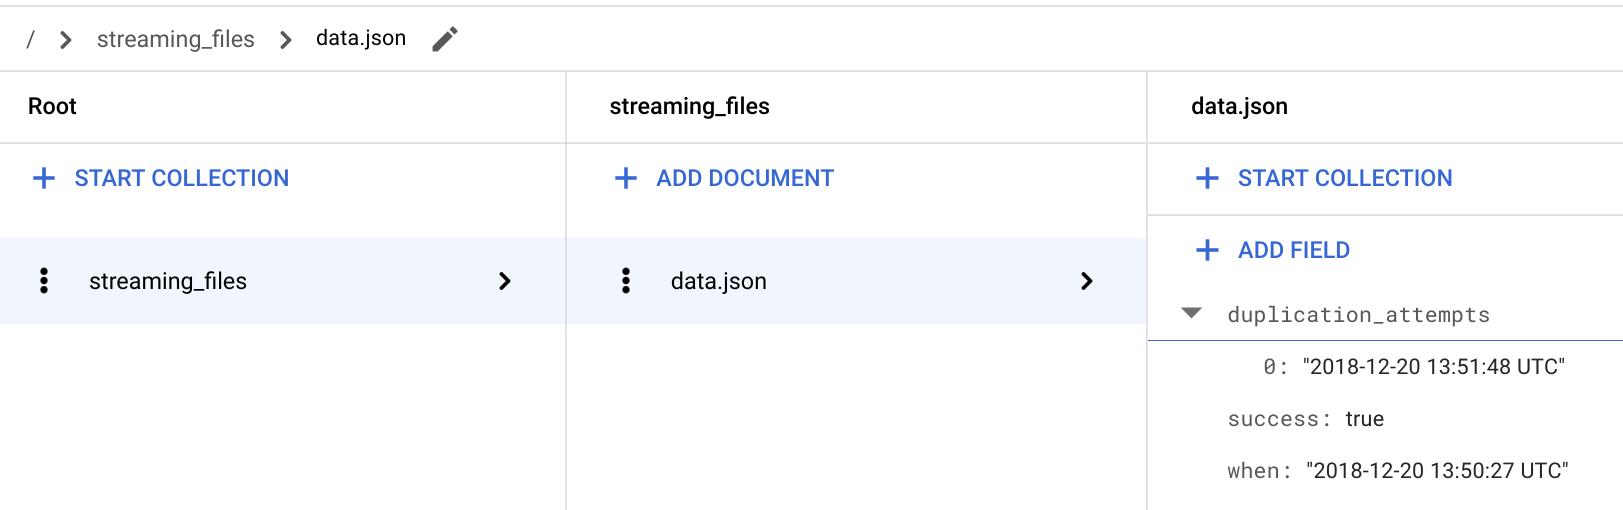 """Gewährleisten, dass """"duplication_attempts"""" von der Funktion """"streaming"""" gespeichert werden"""